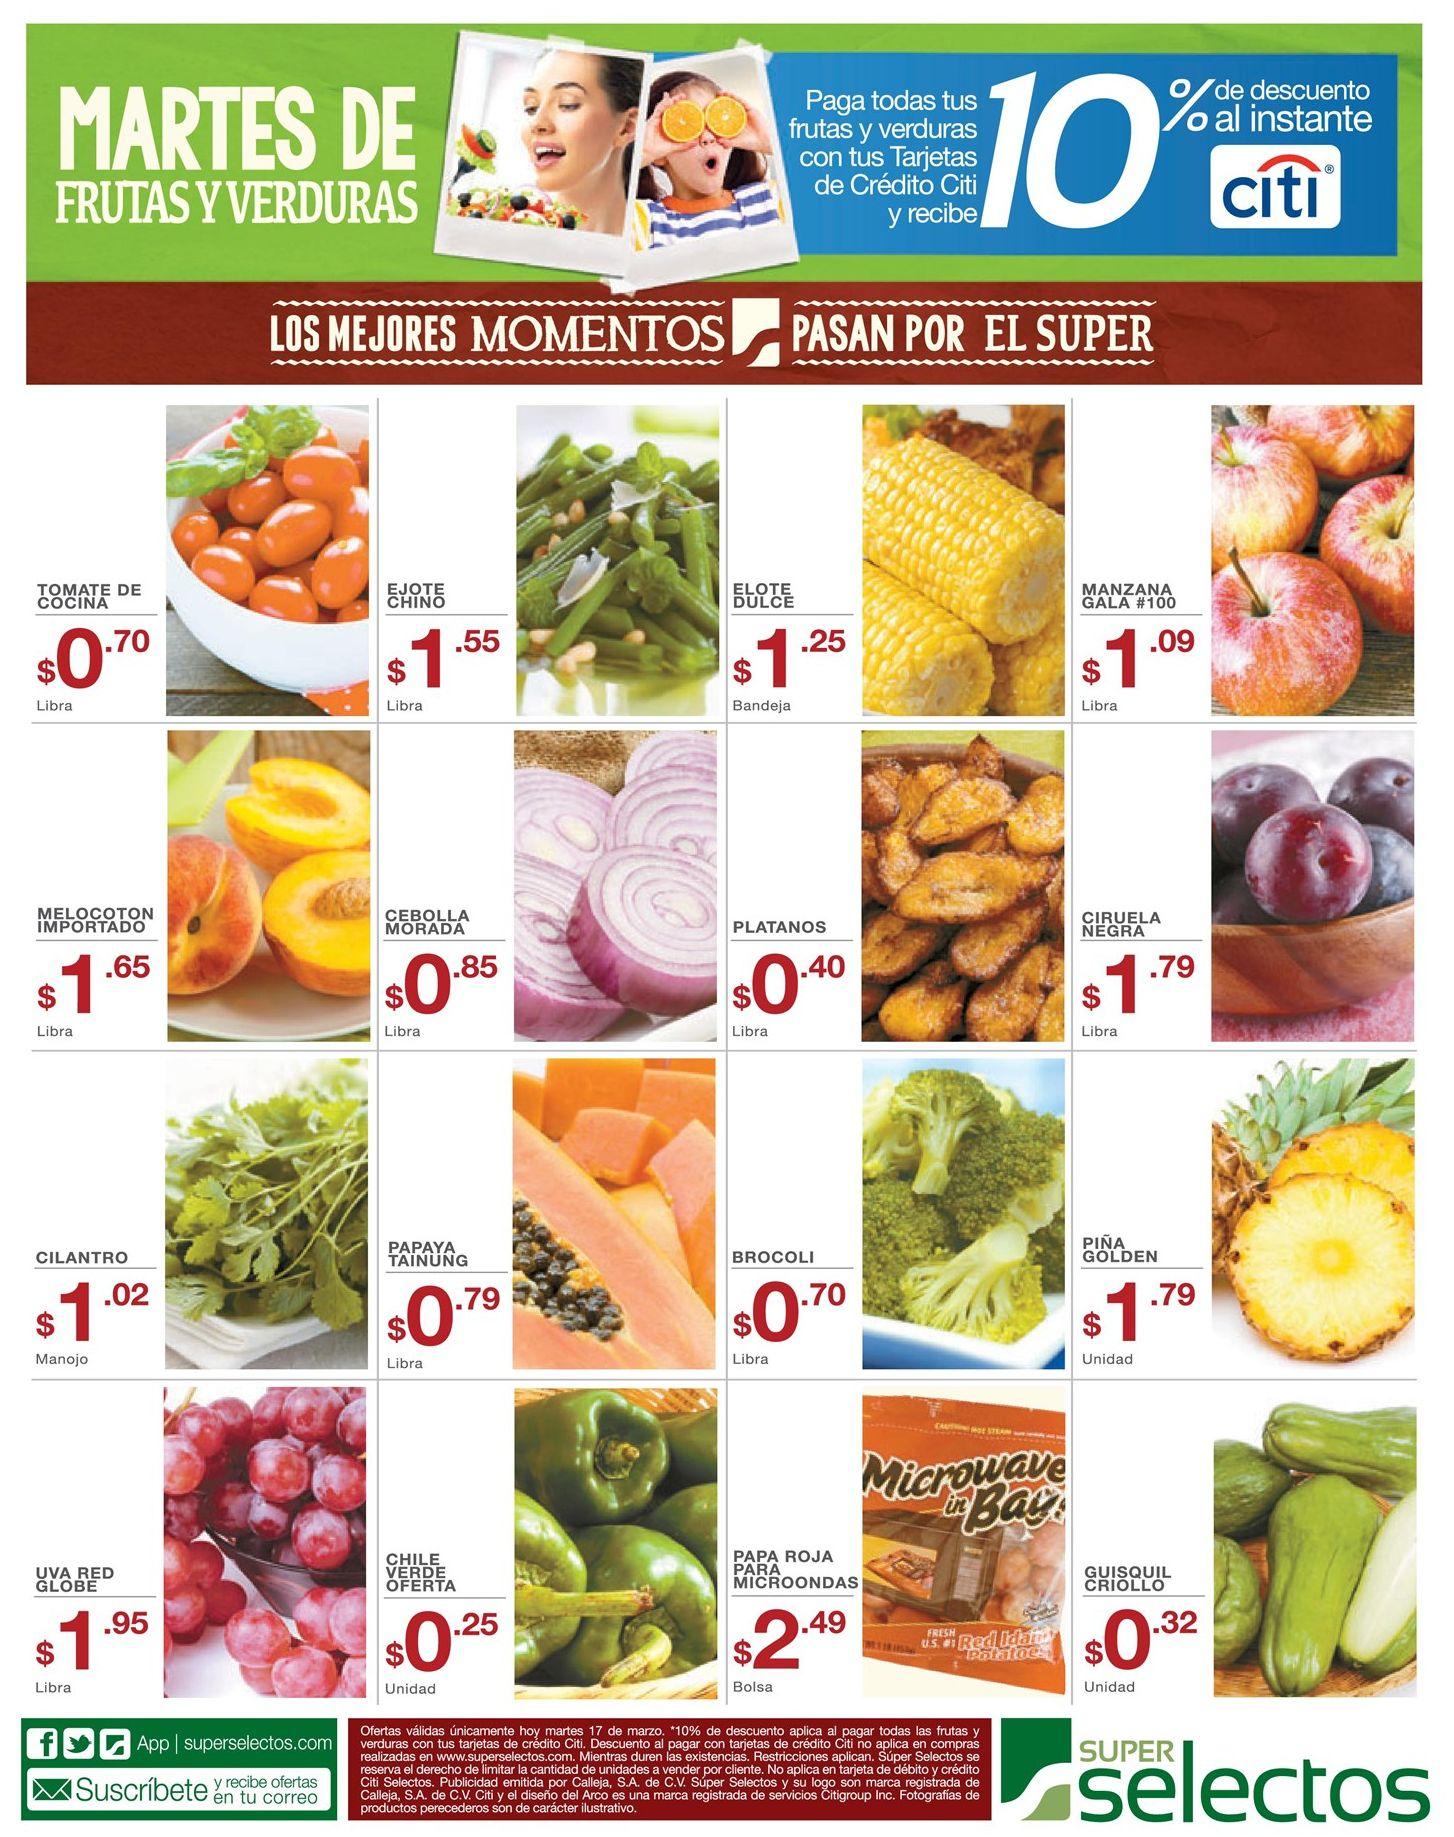 como preparar una ensalda de frutas y verduras frescas - 17mar15